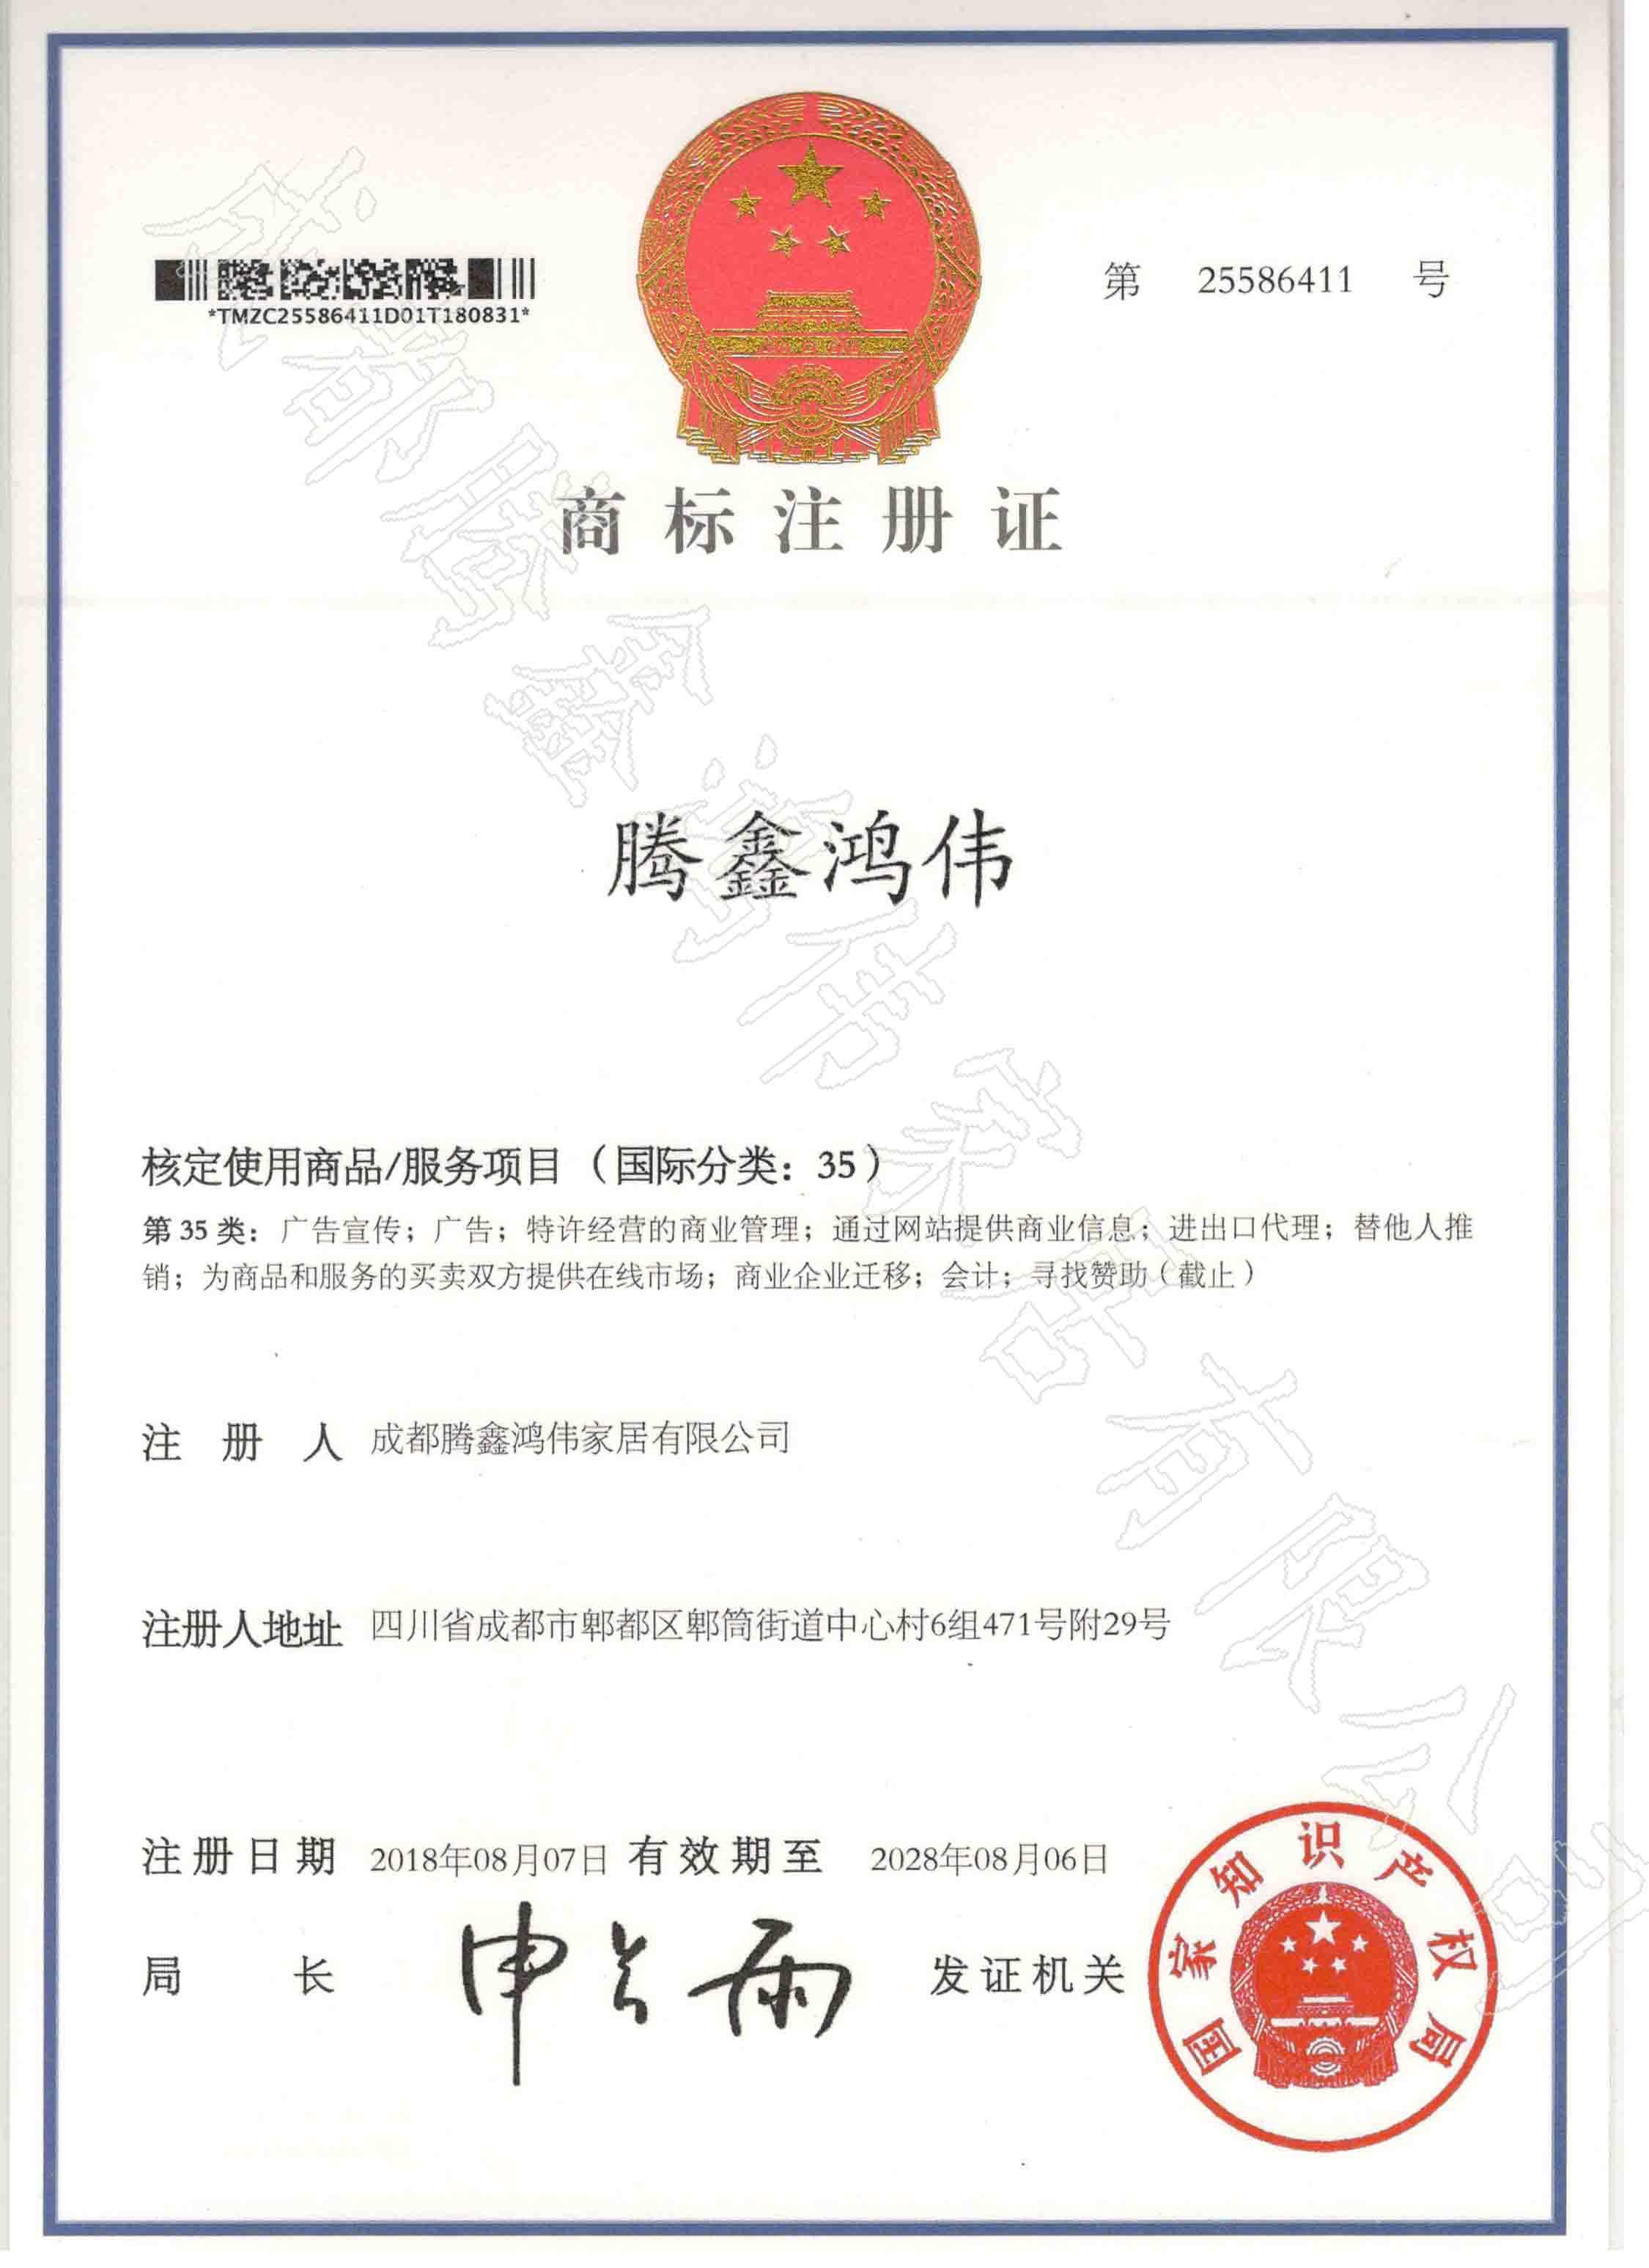 成都腾鑫鸿伟定制家居商标注册证